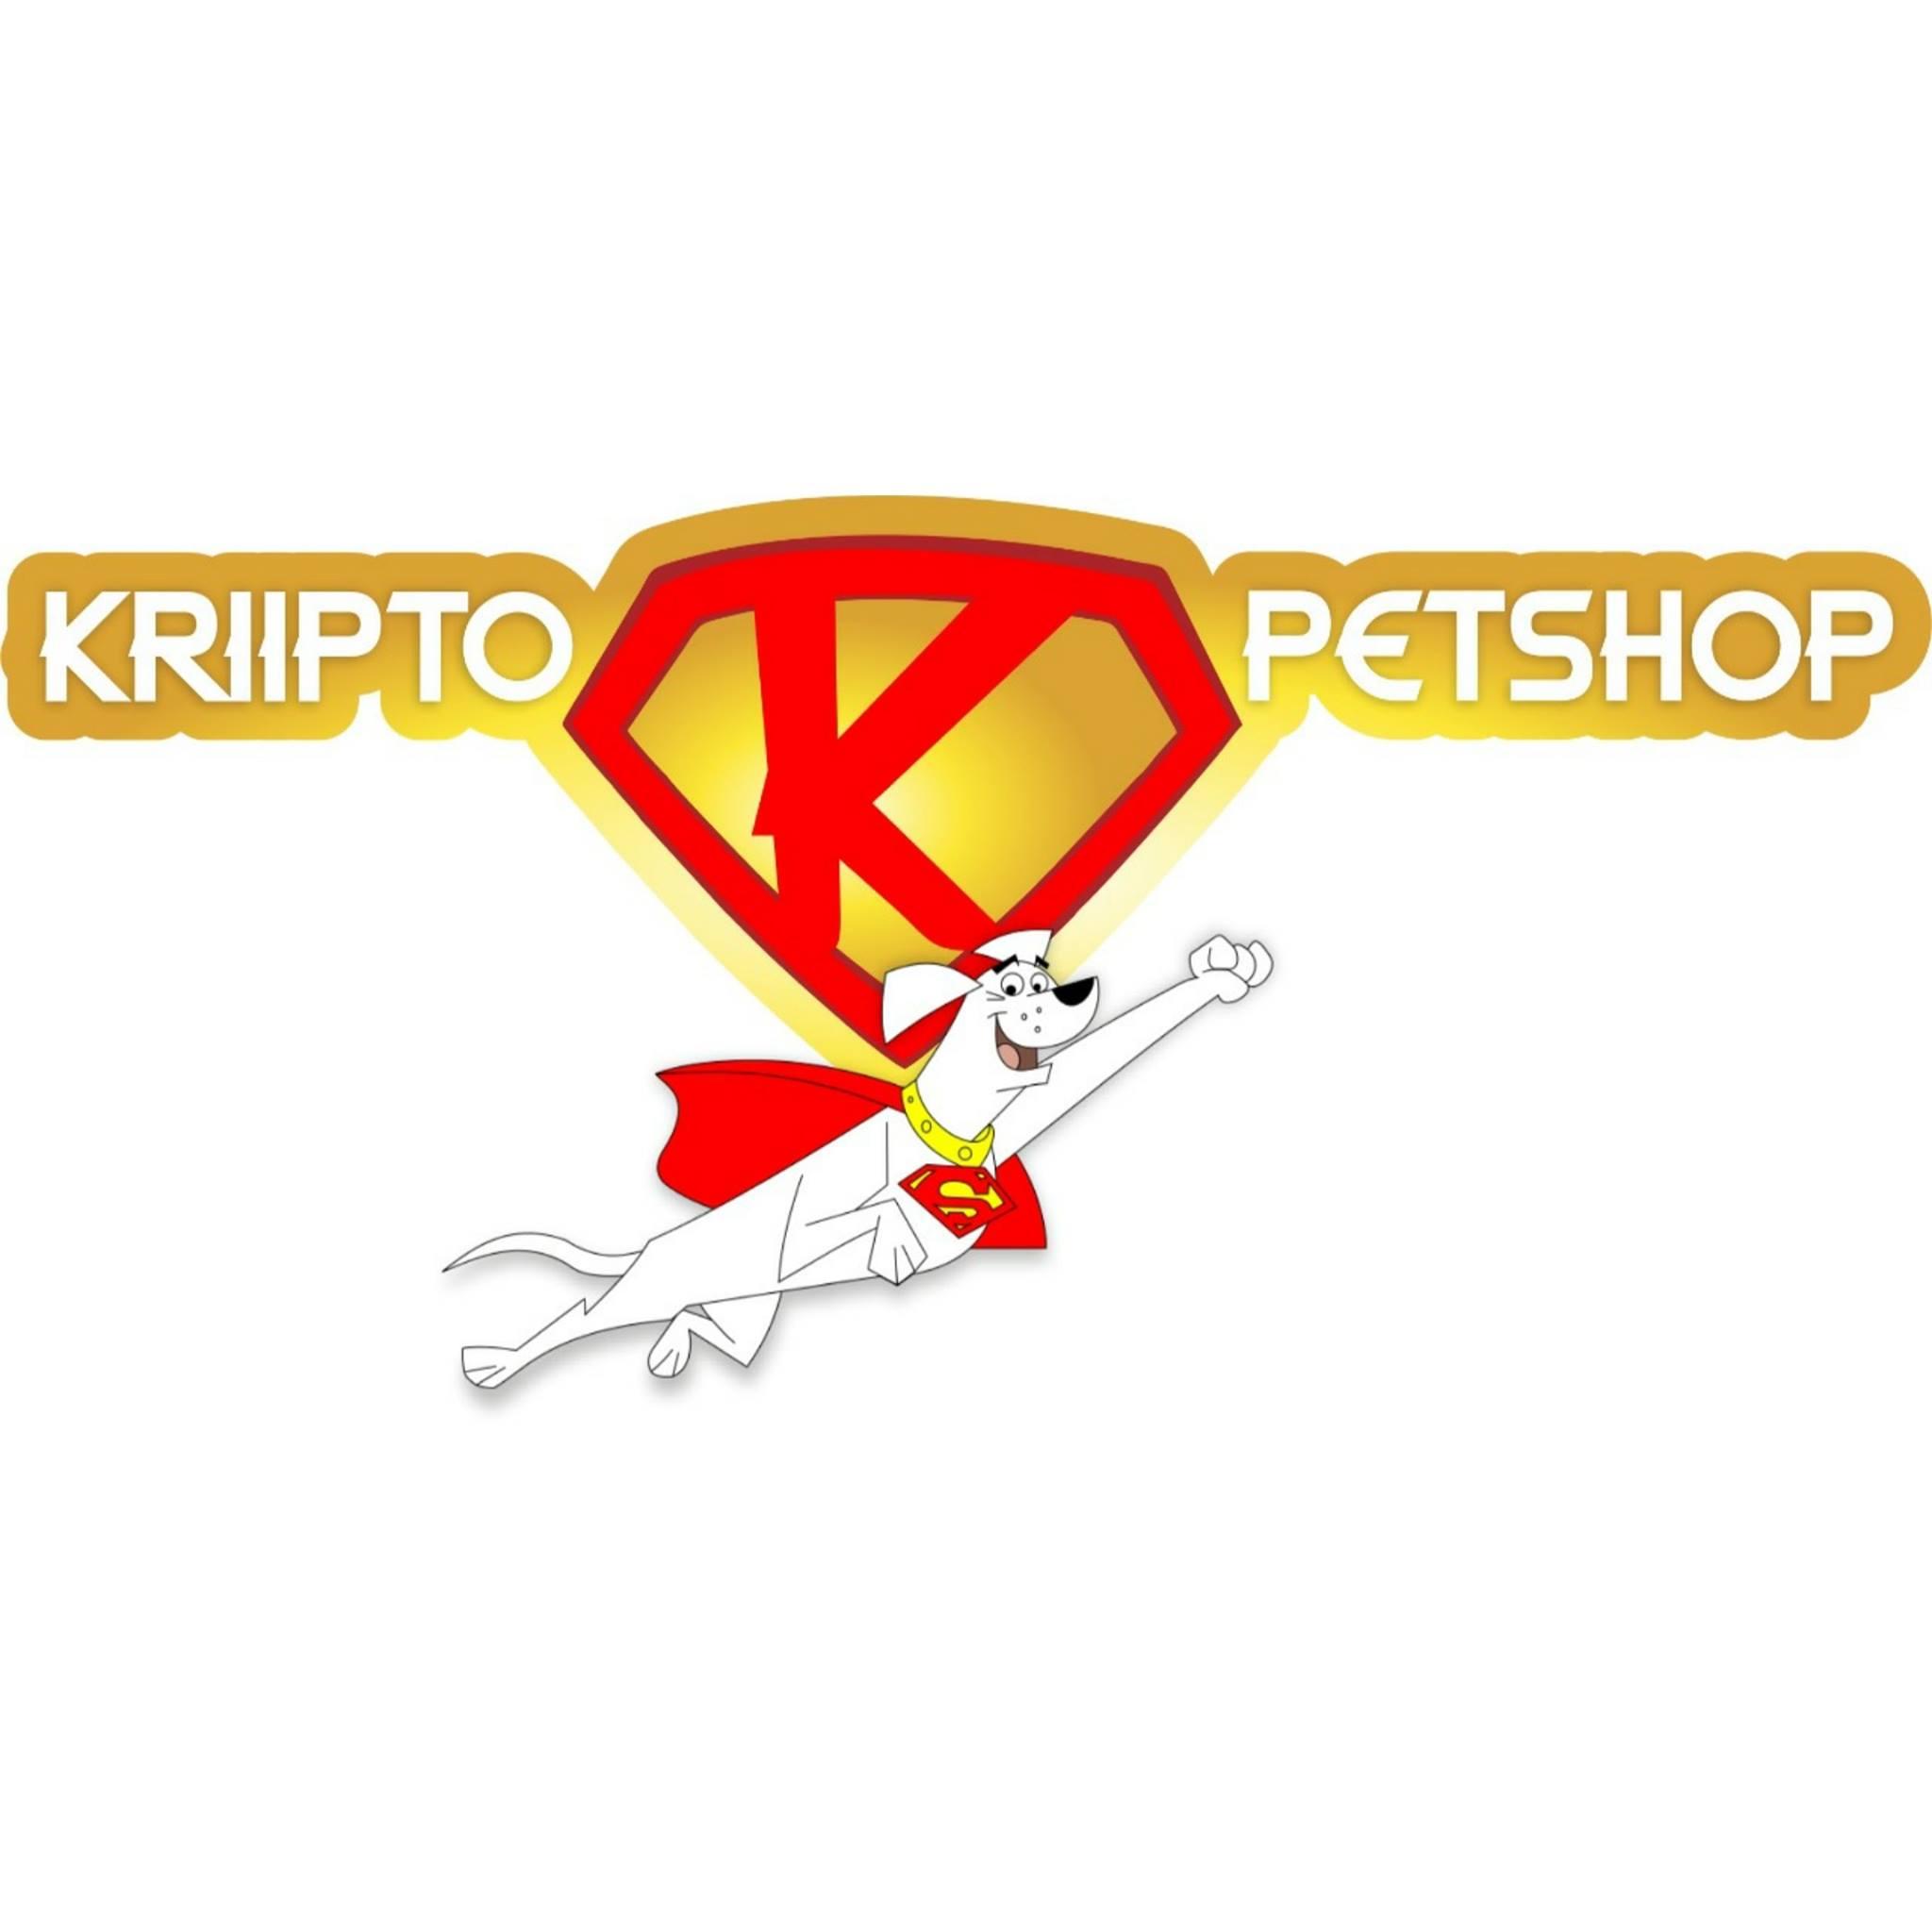 Kriipto Petshop